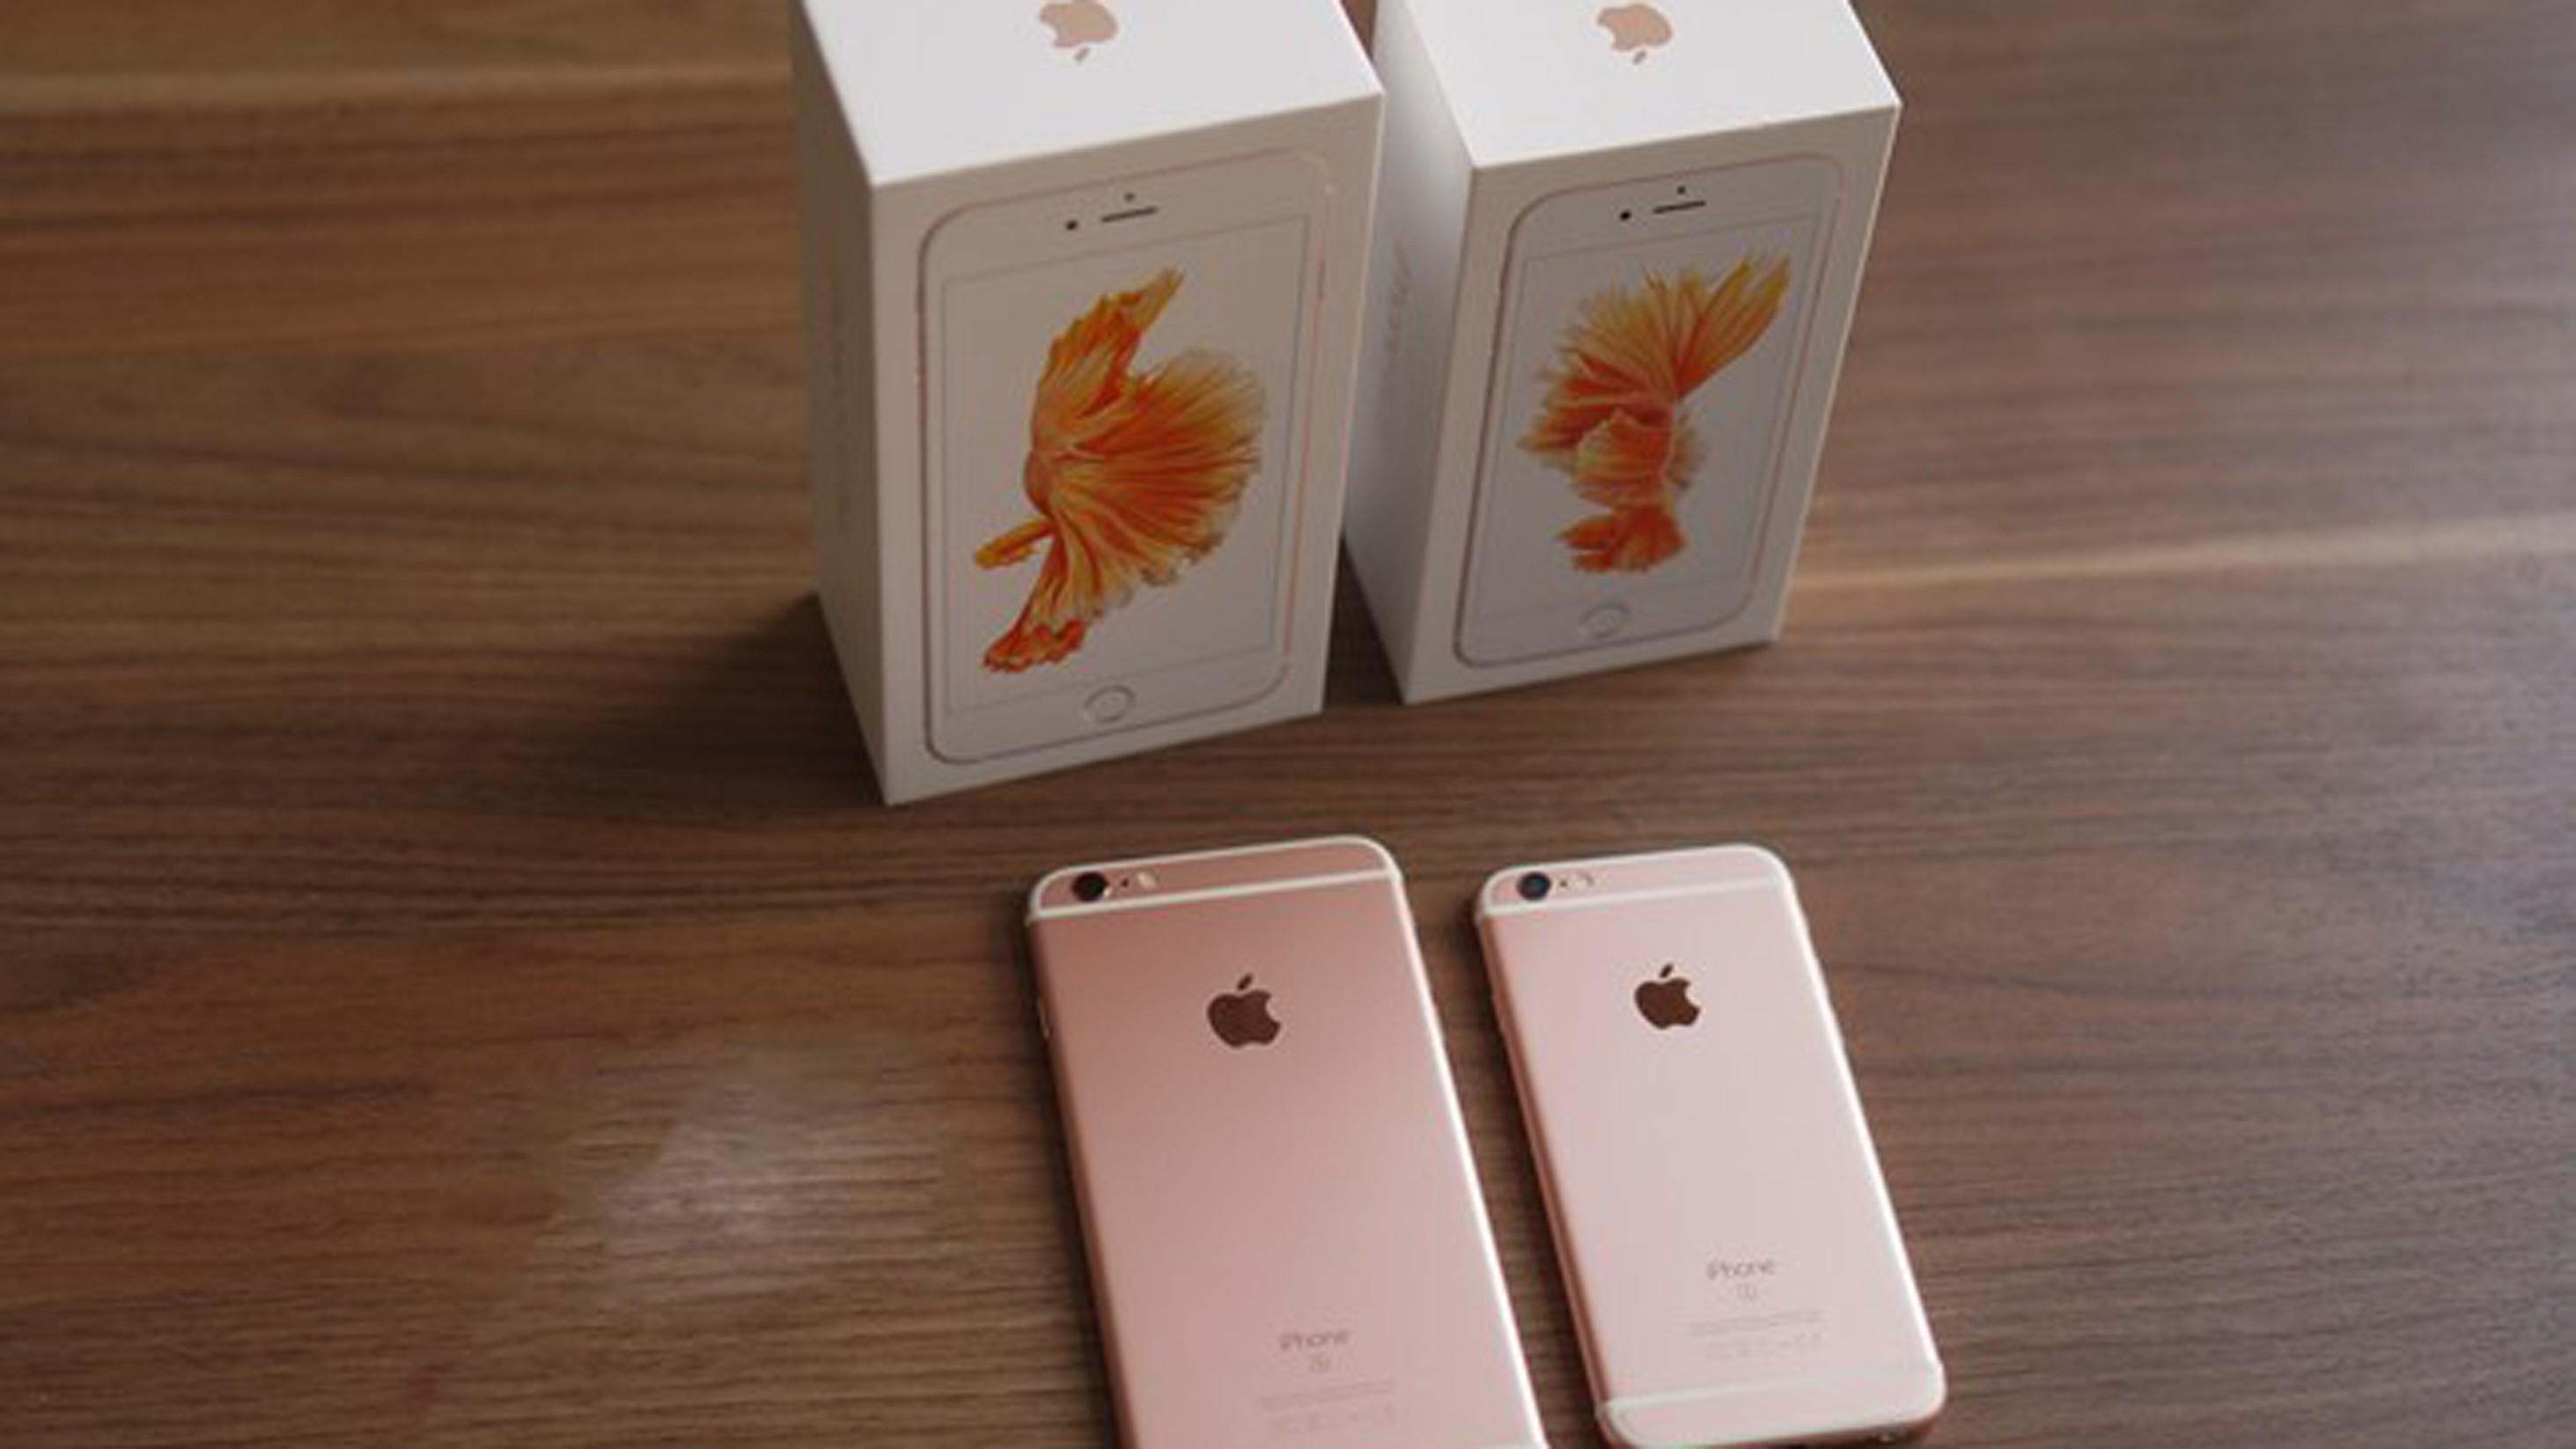 iphone gia - iPhone mới bình ổn giá, máy cũ liên tục lao dốc